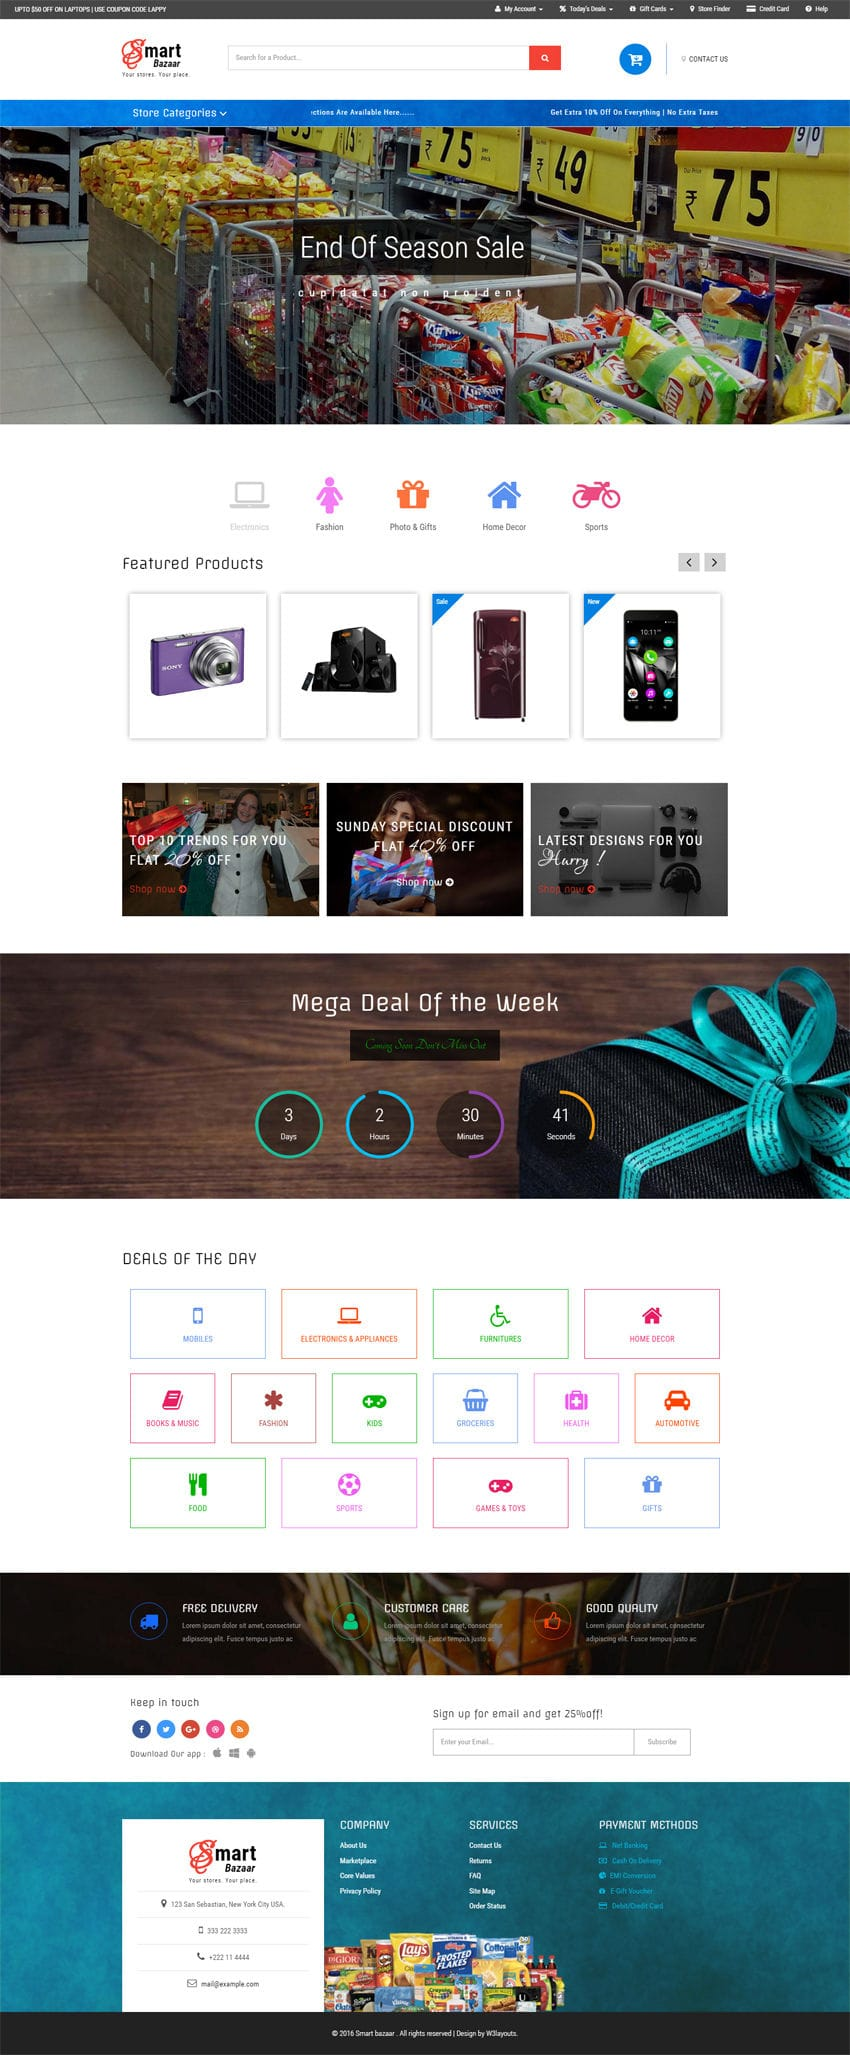 smart_bazaar-full